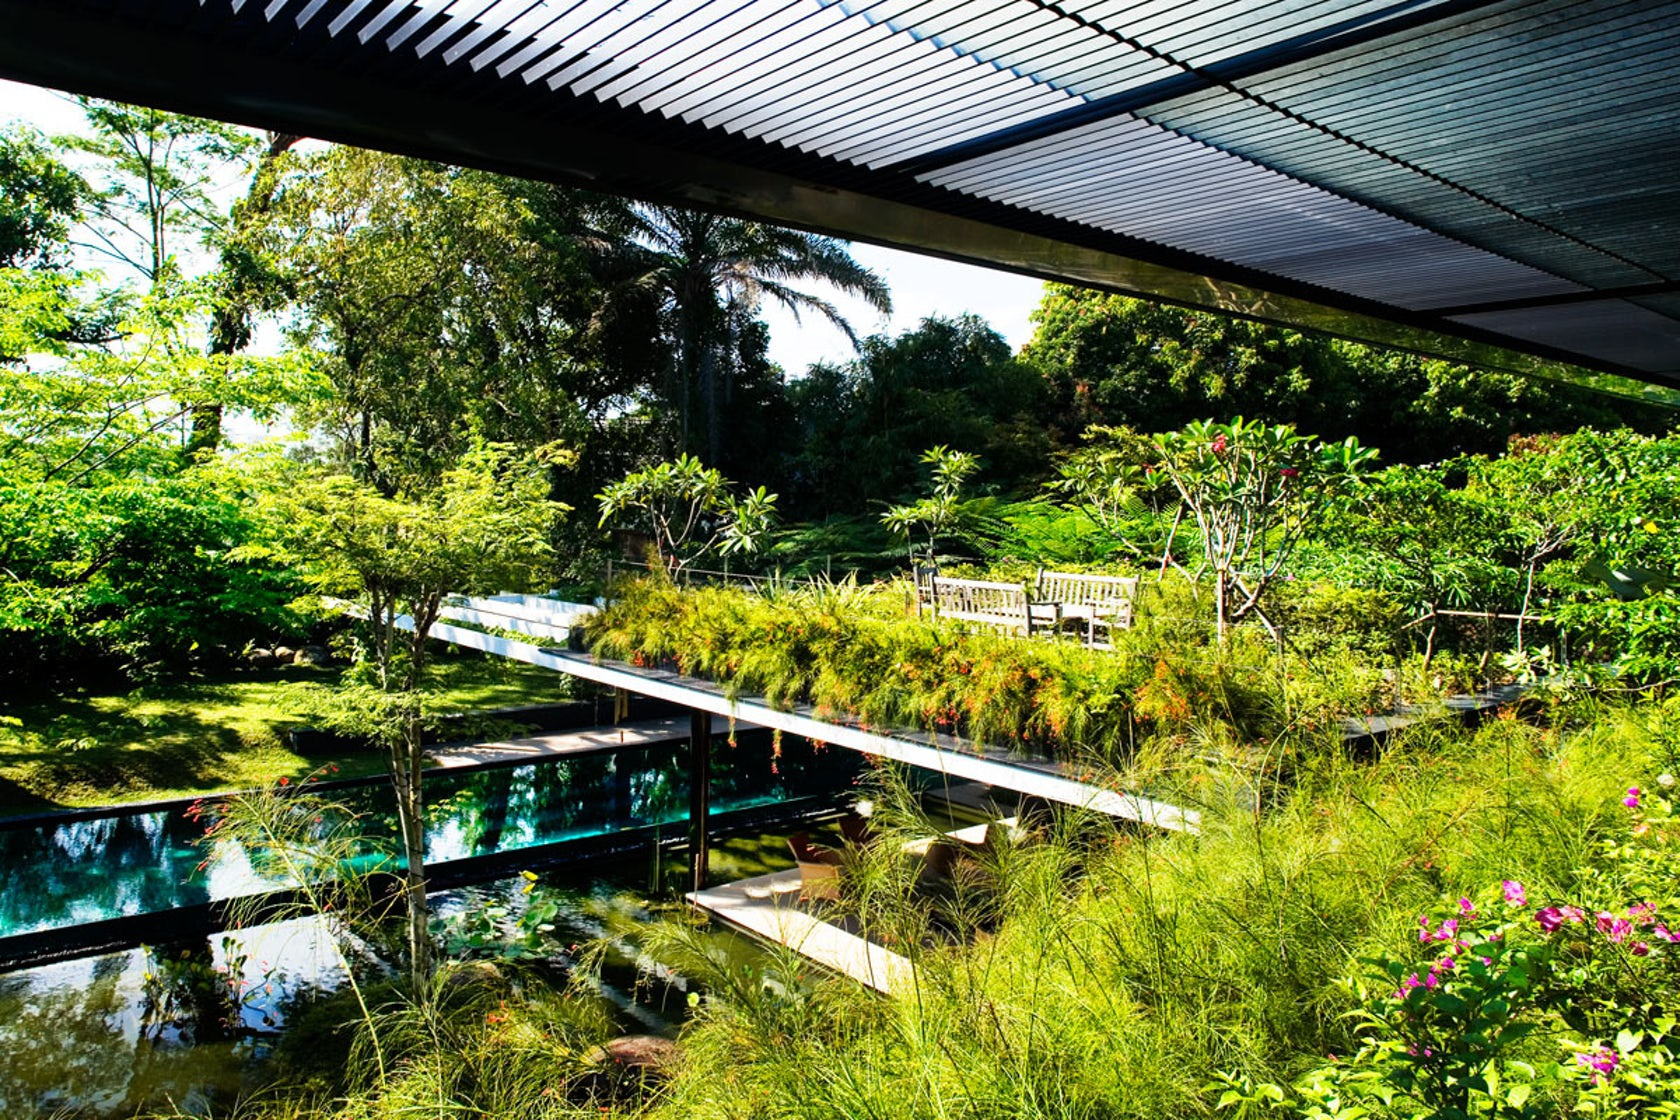 Ngôi nhà đẹp như resort nhờ vườn trên mái, hồ nước ngập cây - 4